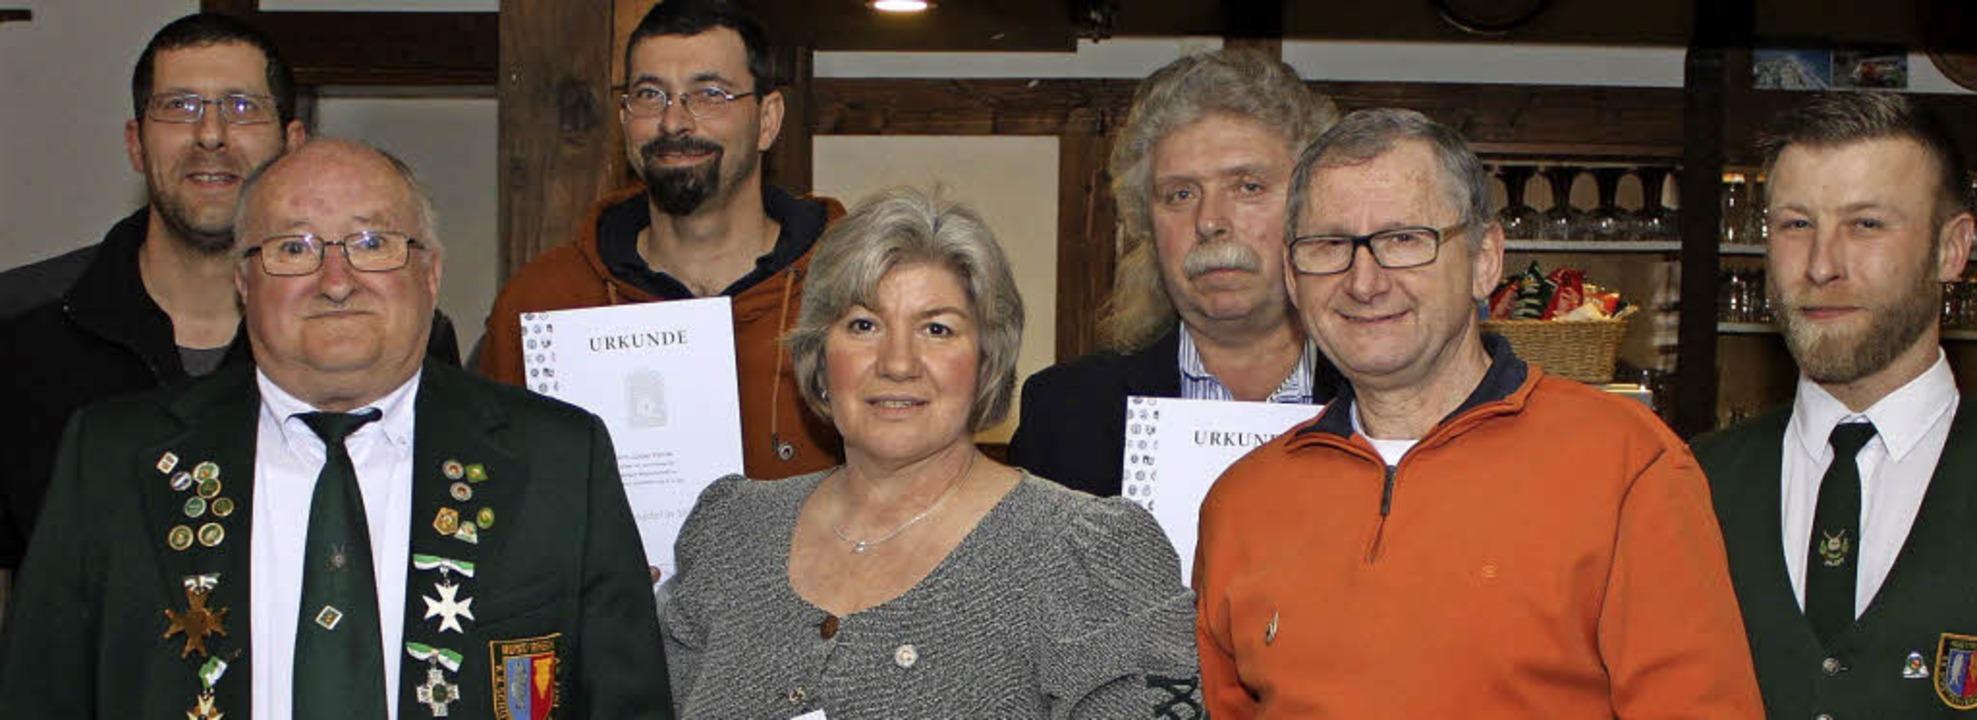 Ehrungen beim KK-Schützenverein Rust :...red Mutz, Alois Fix und  Armin Rother.  | Foto: Adelbert Mutz